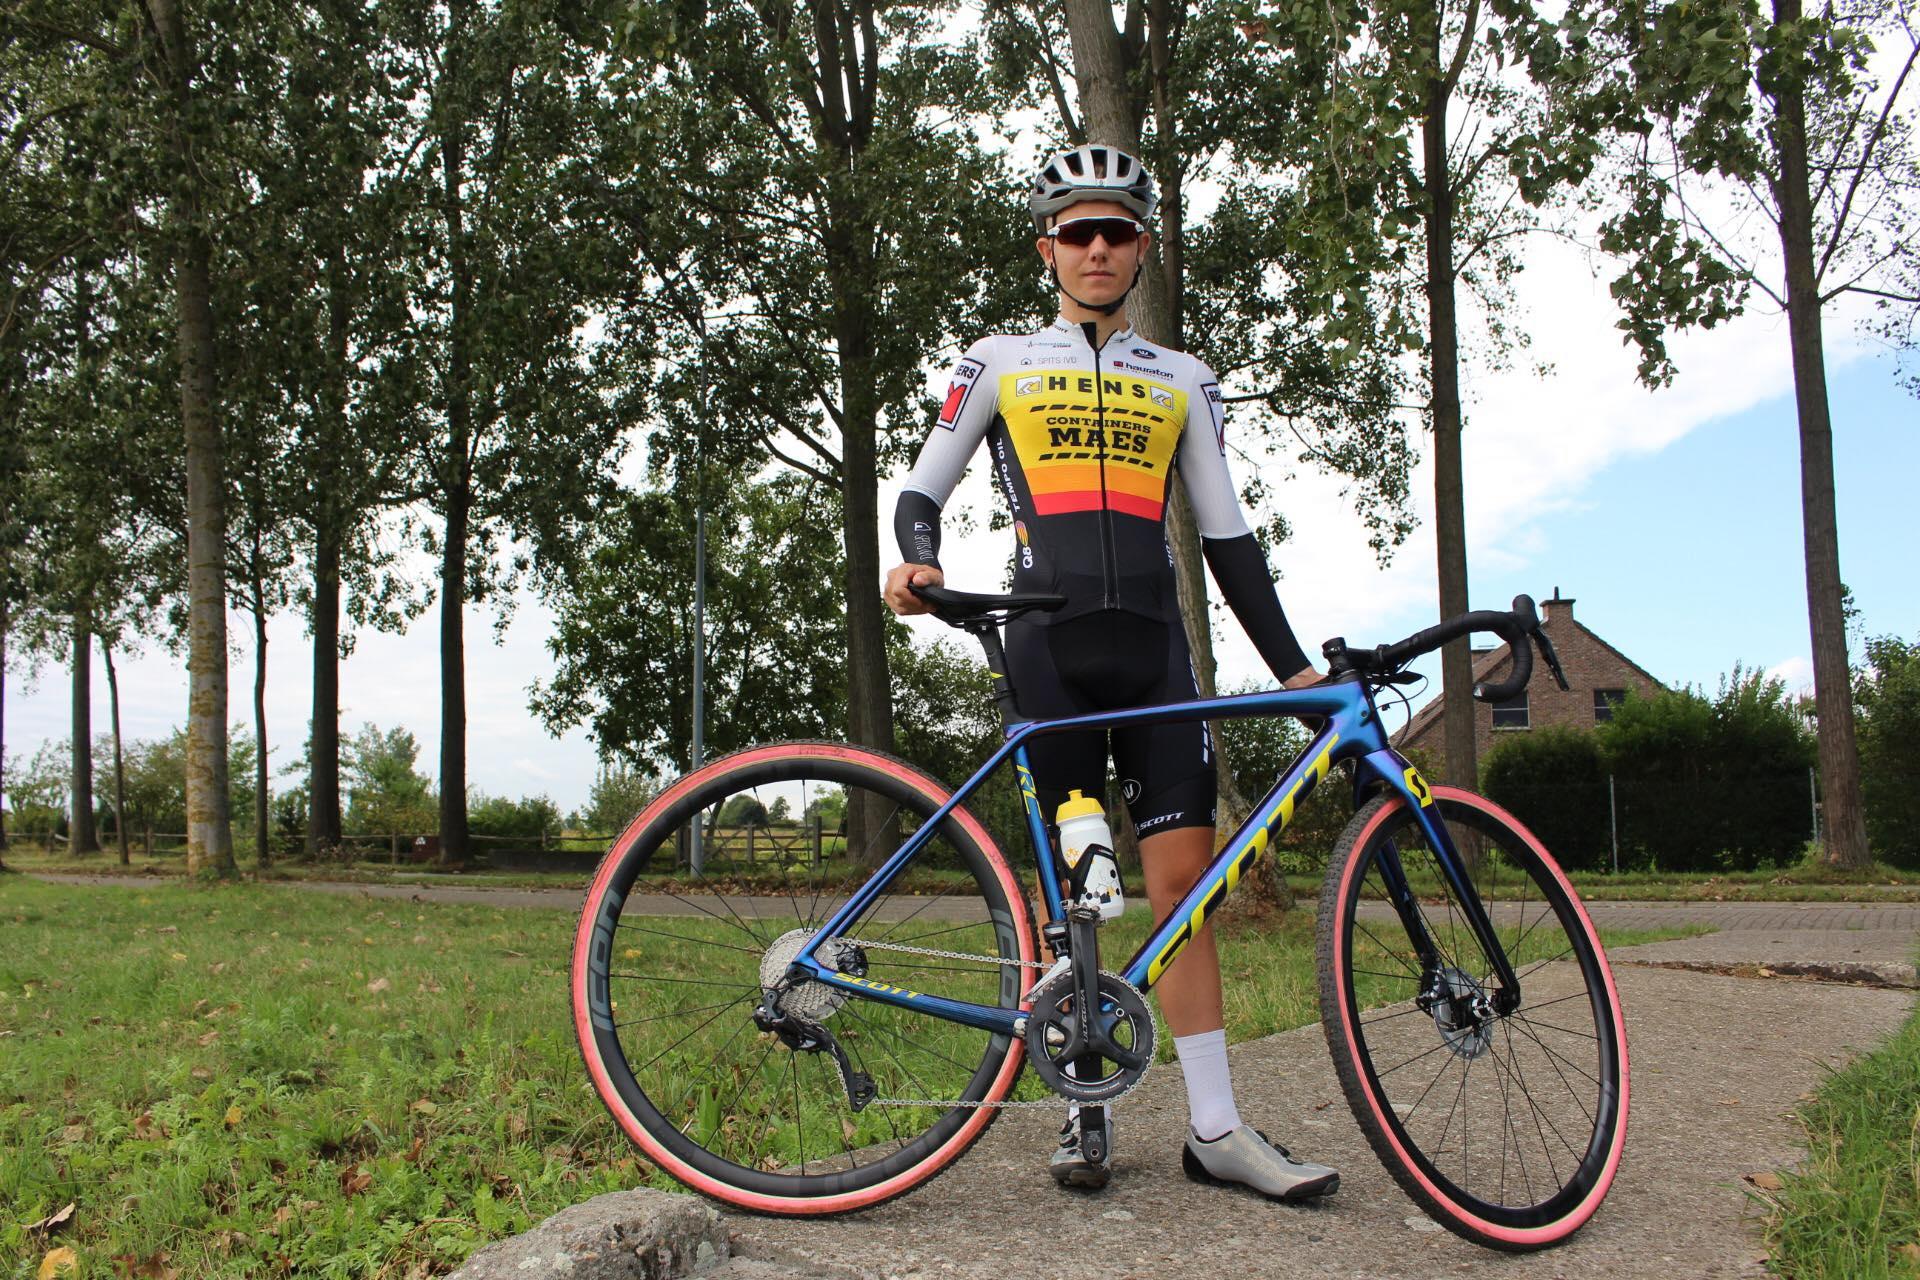 Eerstejaarsbelofte Jetze Van Campenhout zet noodgedwongen punt achter cyclocrossseizoen